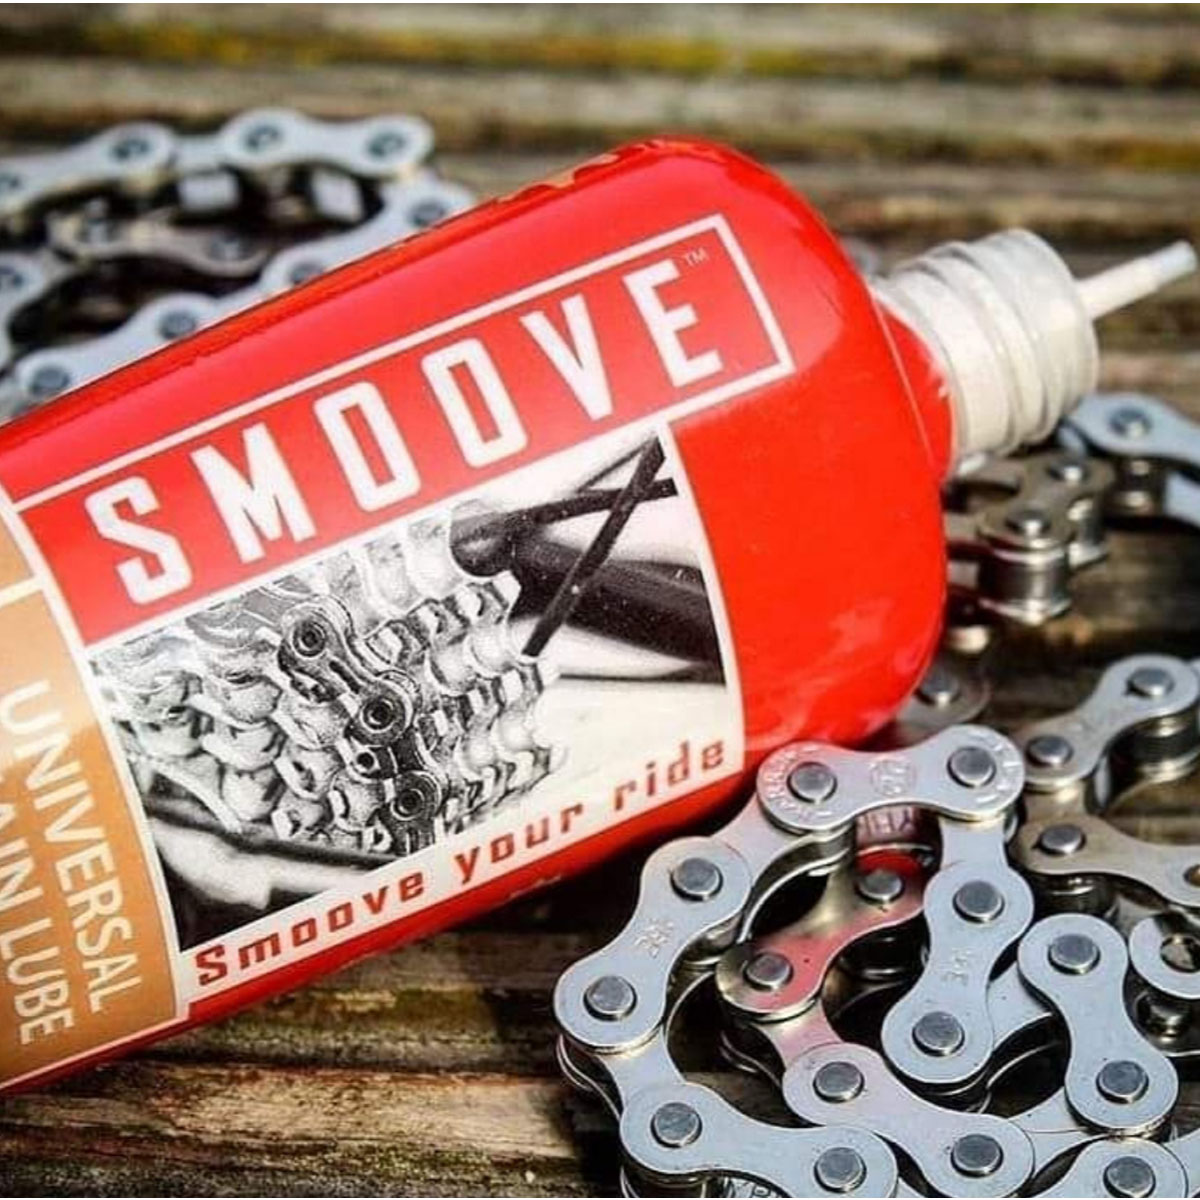 lubrificante Smoove